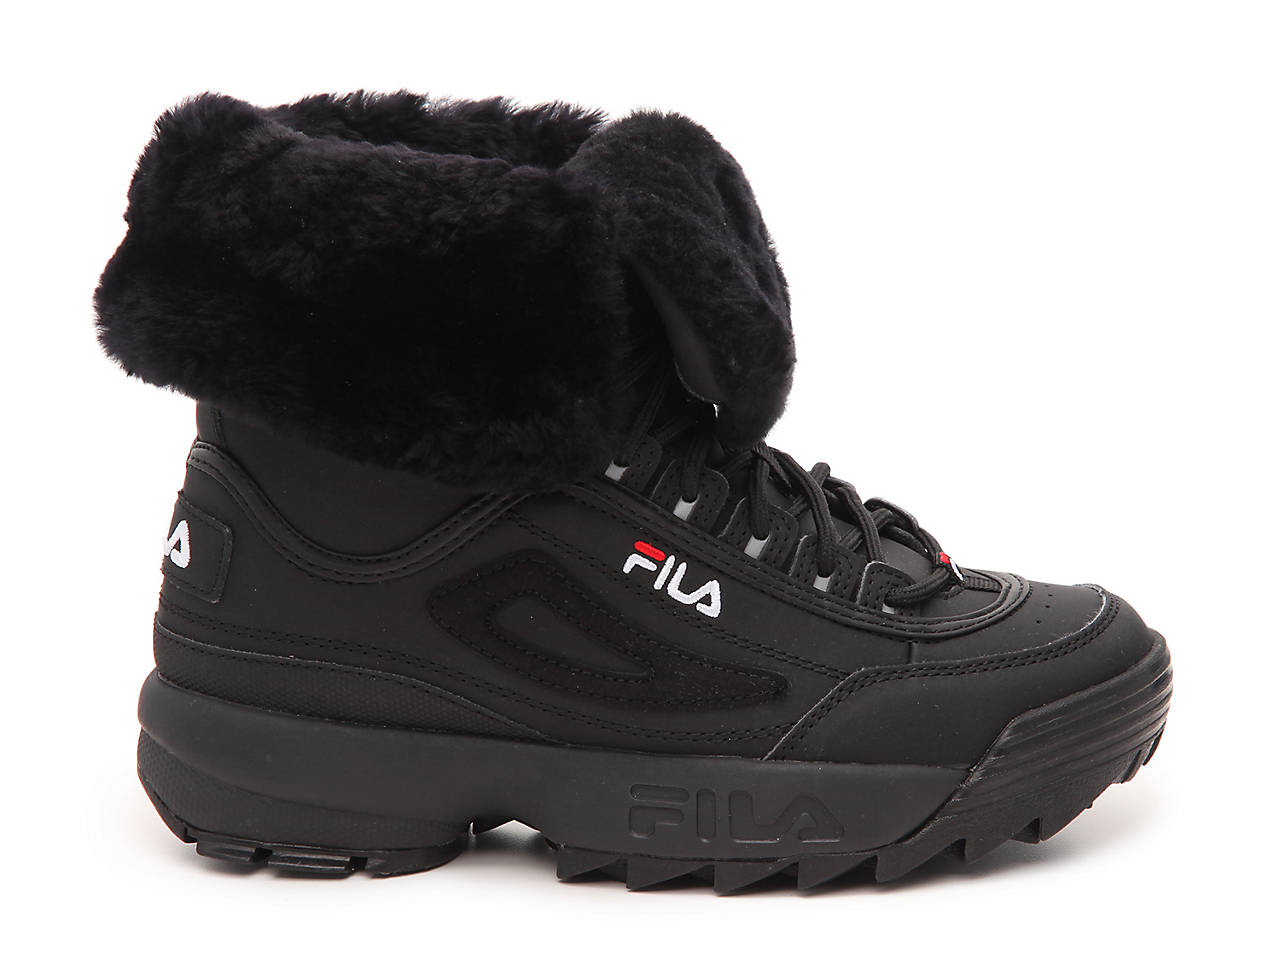 Fila Disruptor Shearling Boot Women's Women's Shoes DSW  DSW